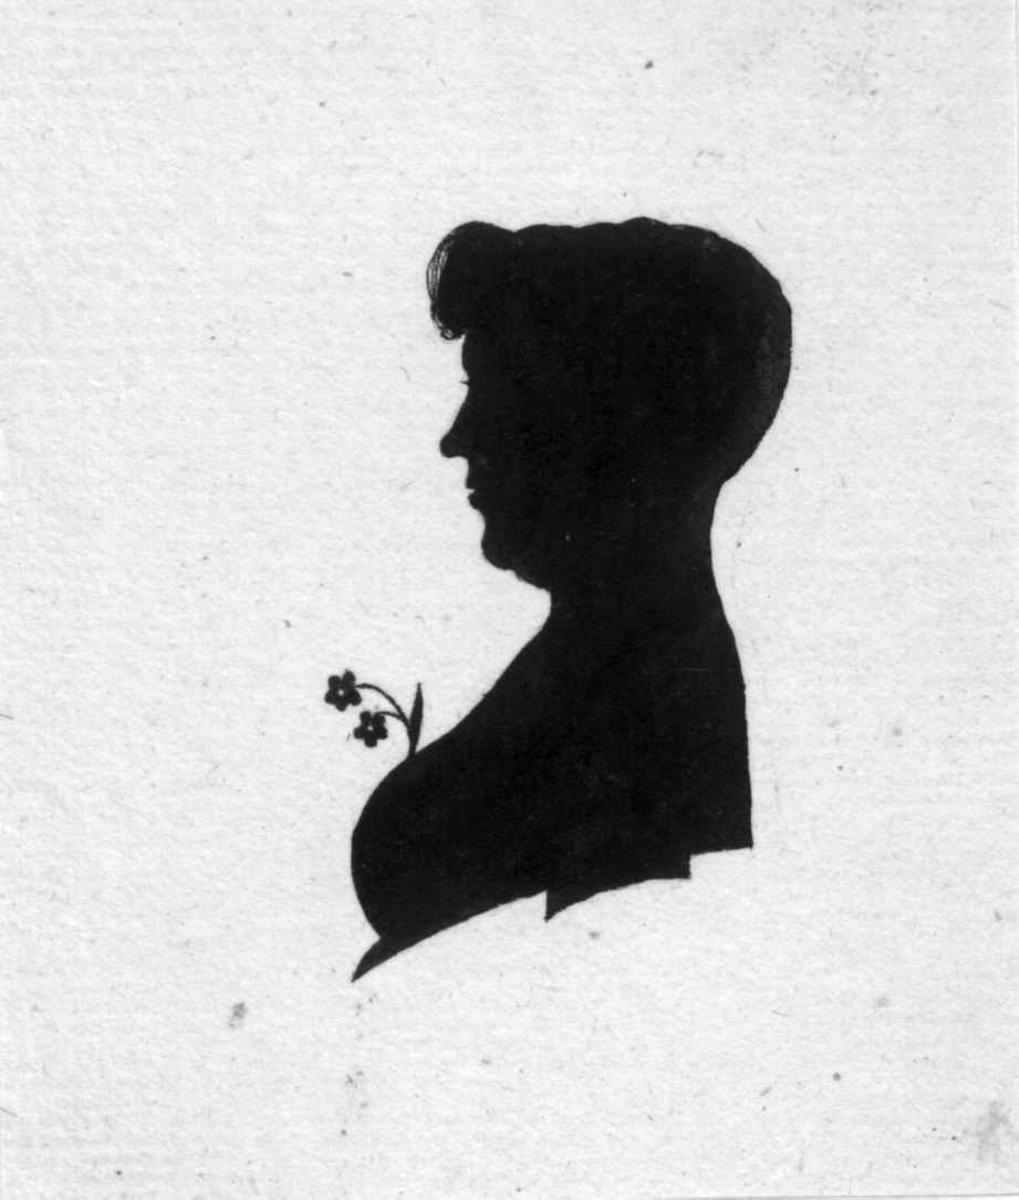 Ukjente portretter, silhouetter